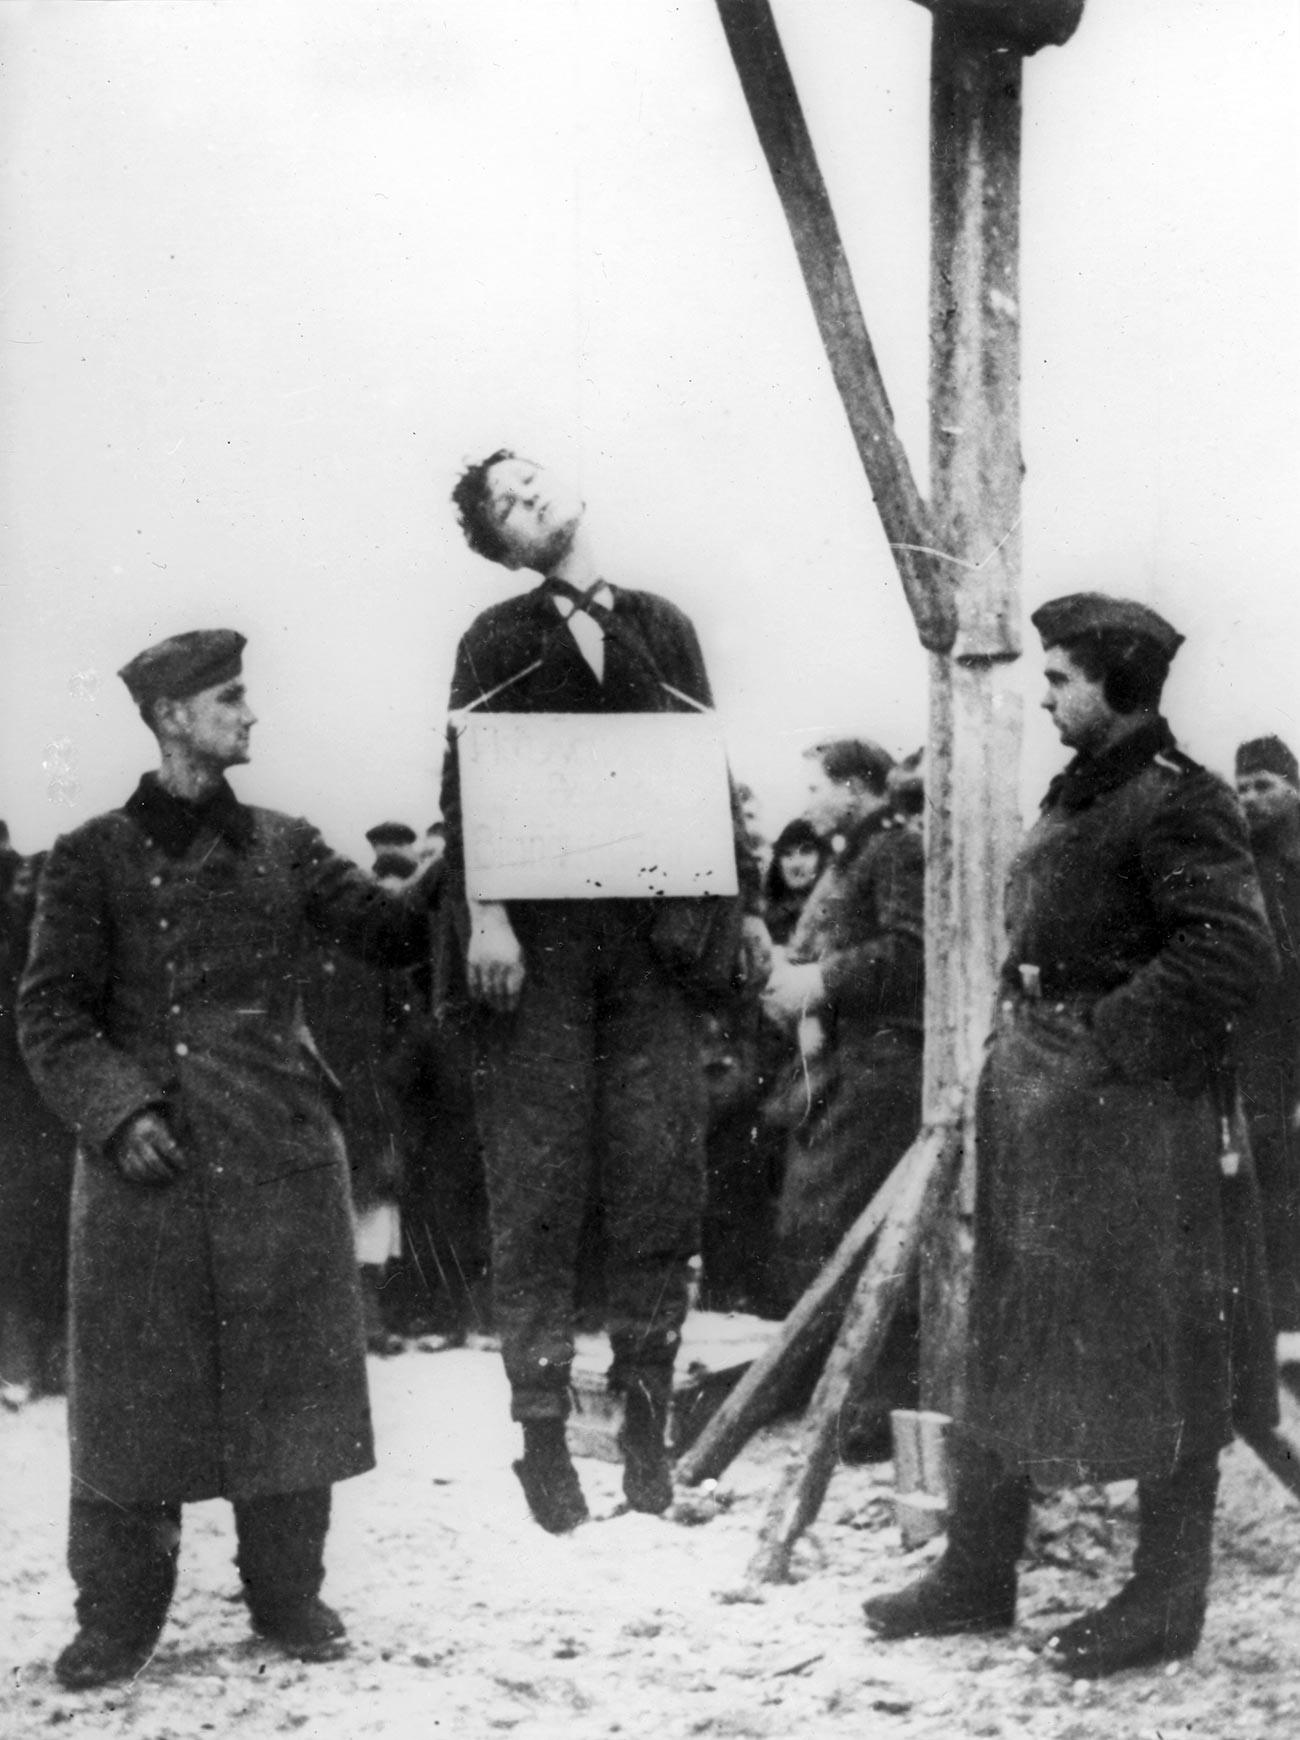 Die Hinrichtung von Soja Kosmodemjanskaja